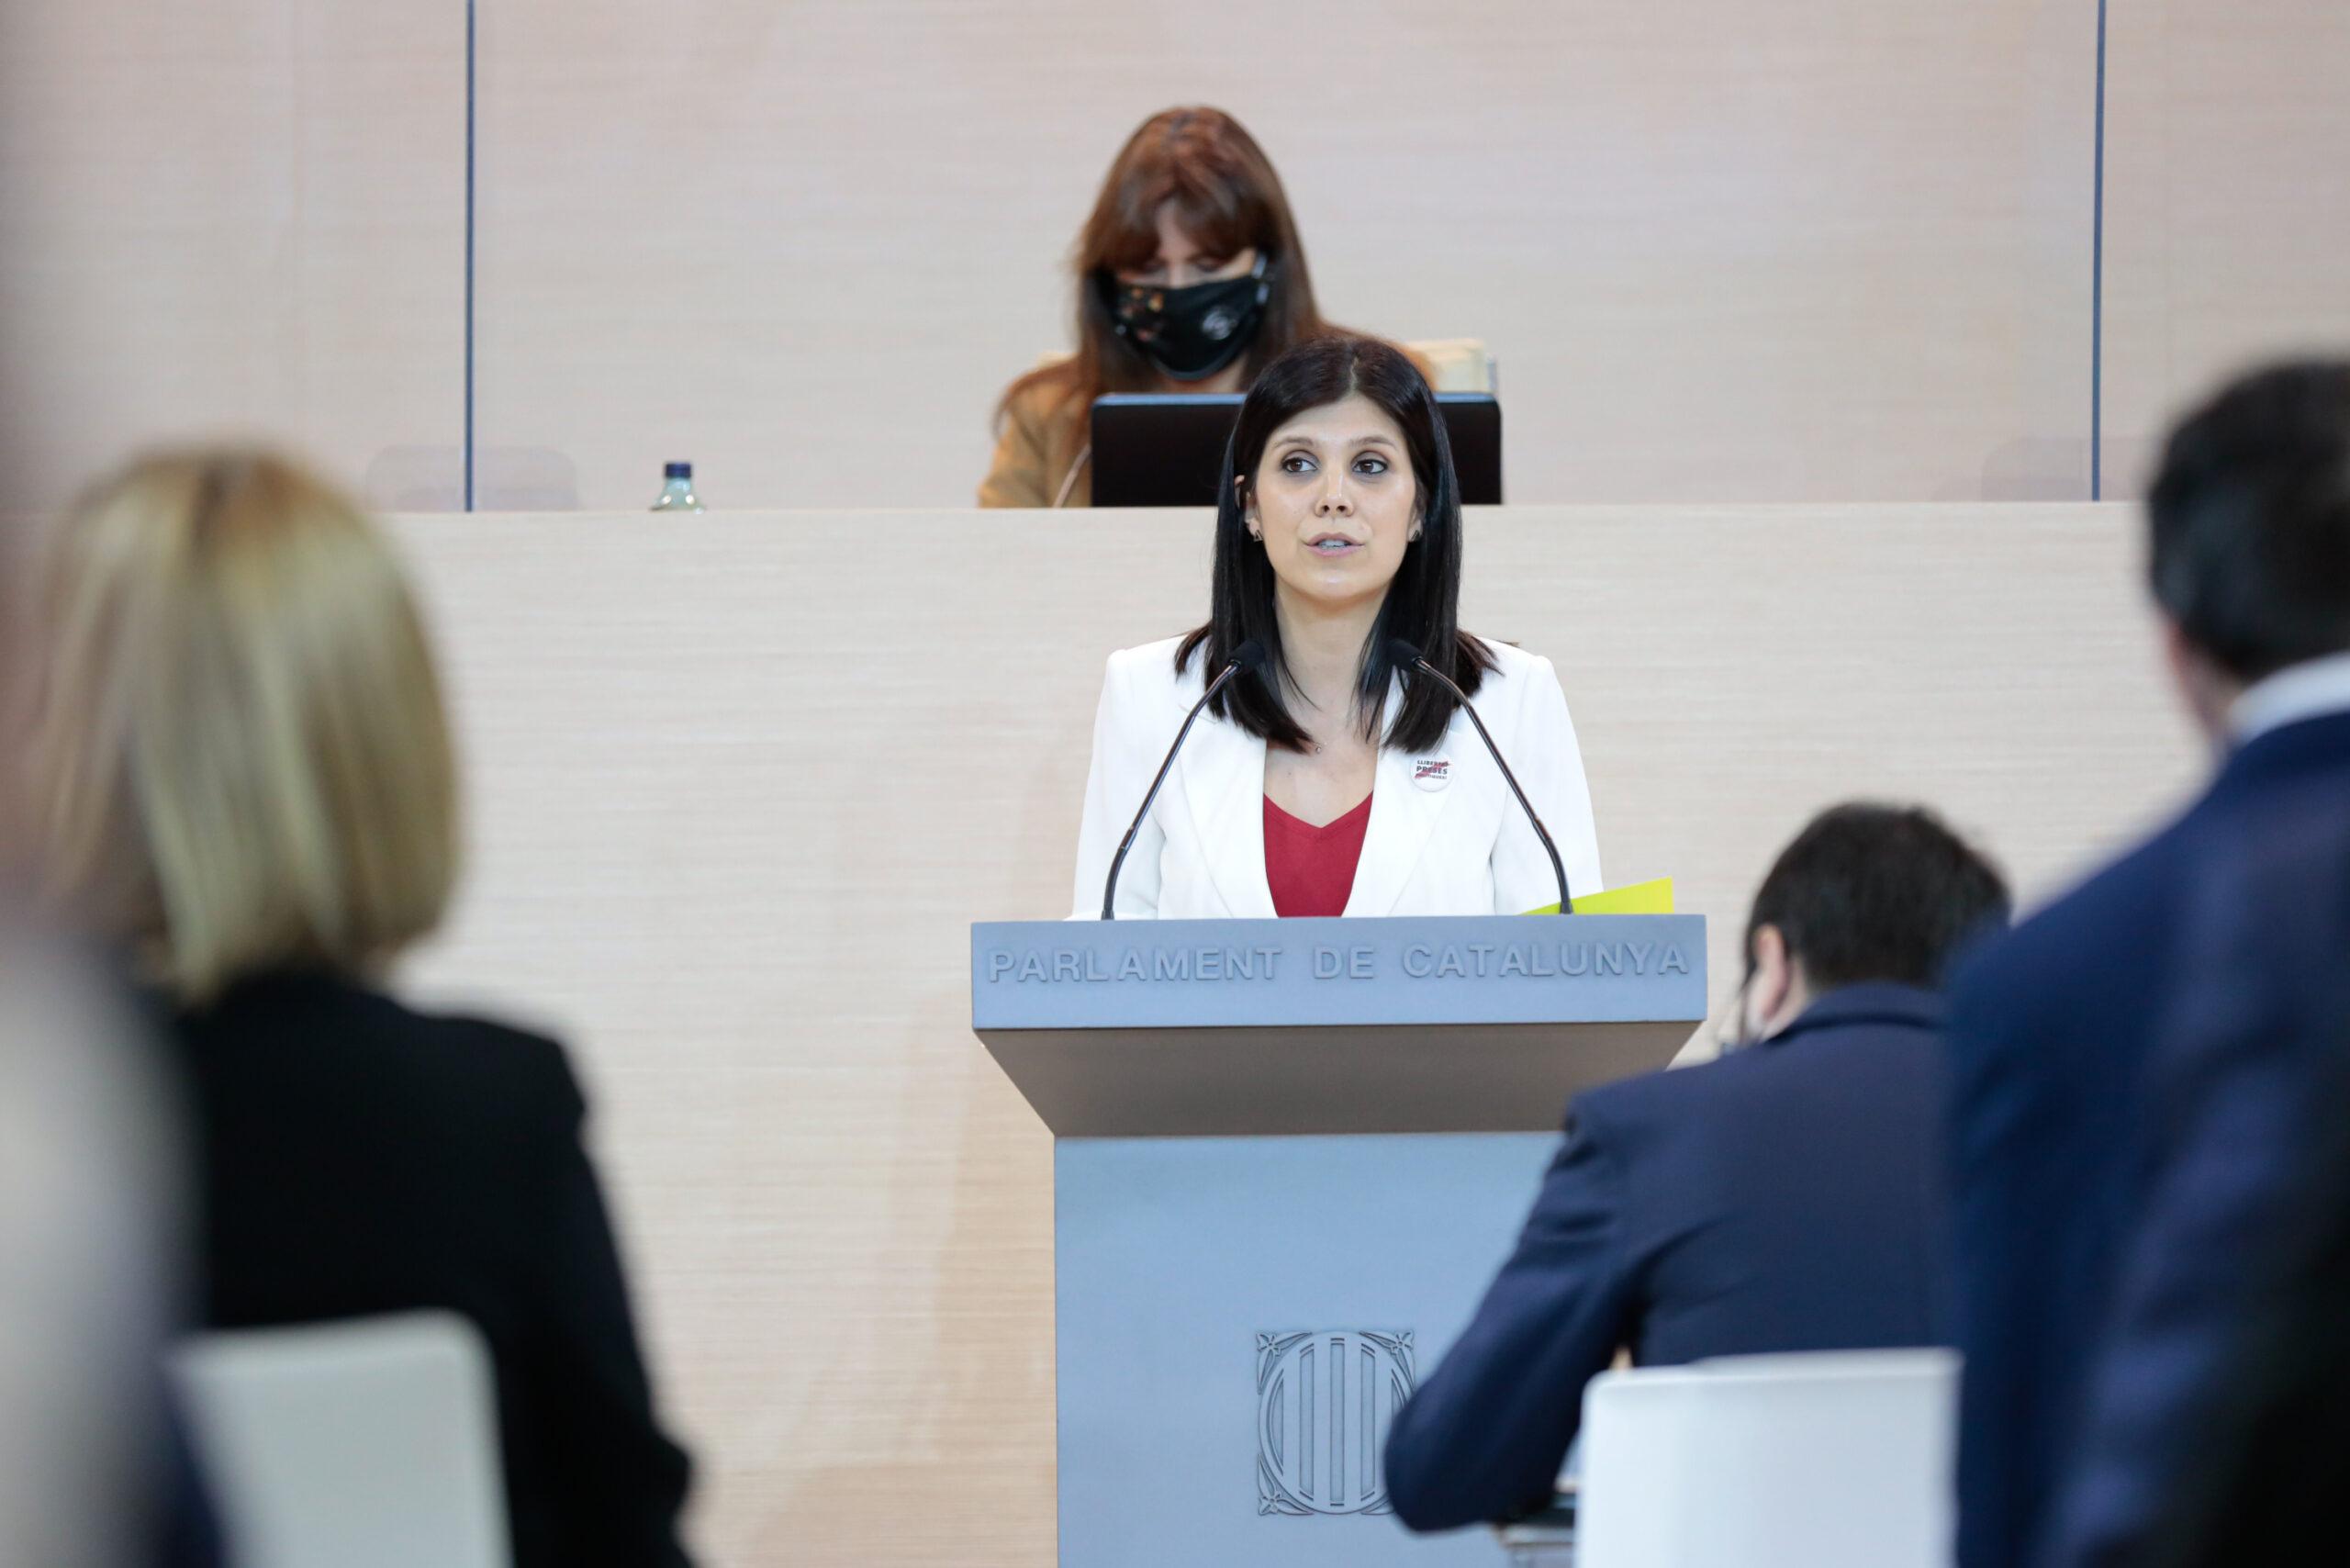 Un moment de la intervenció de la portaveu d'ERC al Parlament, Marta Vilalta, durant el debat d'investidura de Pere Aragonès. Barcelona, 26 de març del 2021. Pla mig. (Horitzontal)